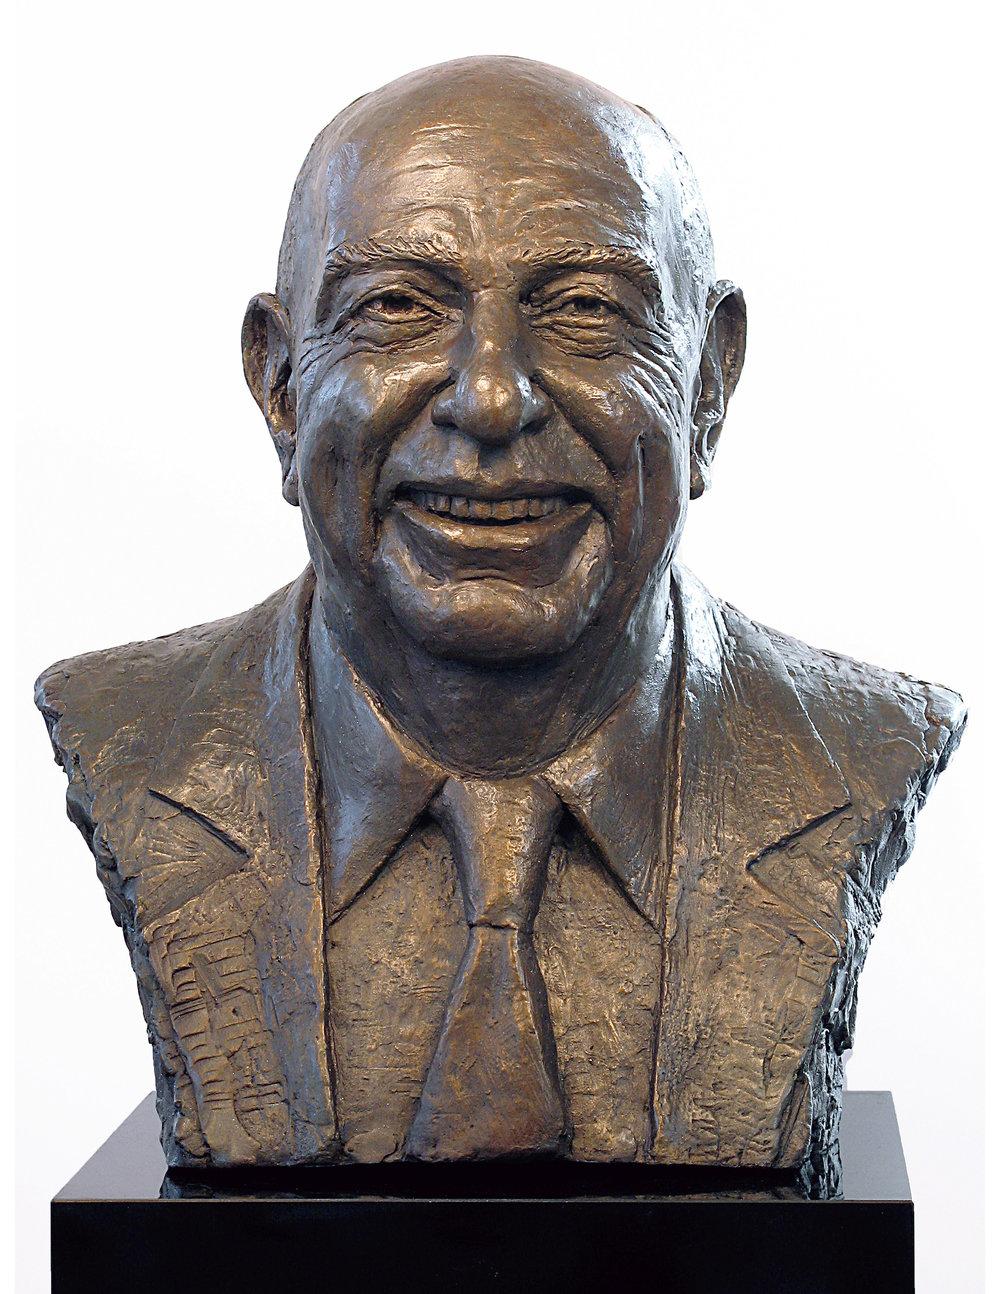 ken-behring-bronze-portrait-bust.jpg